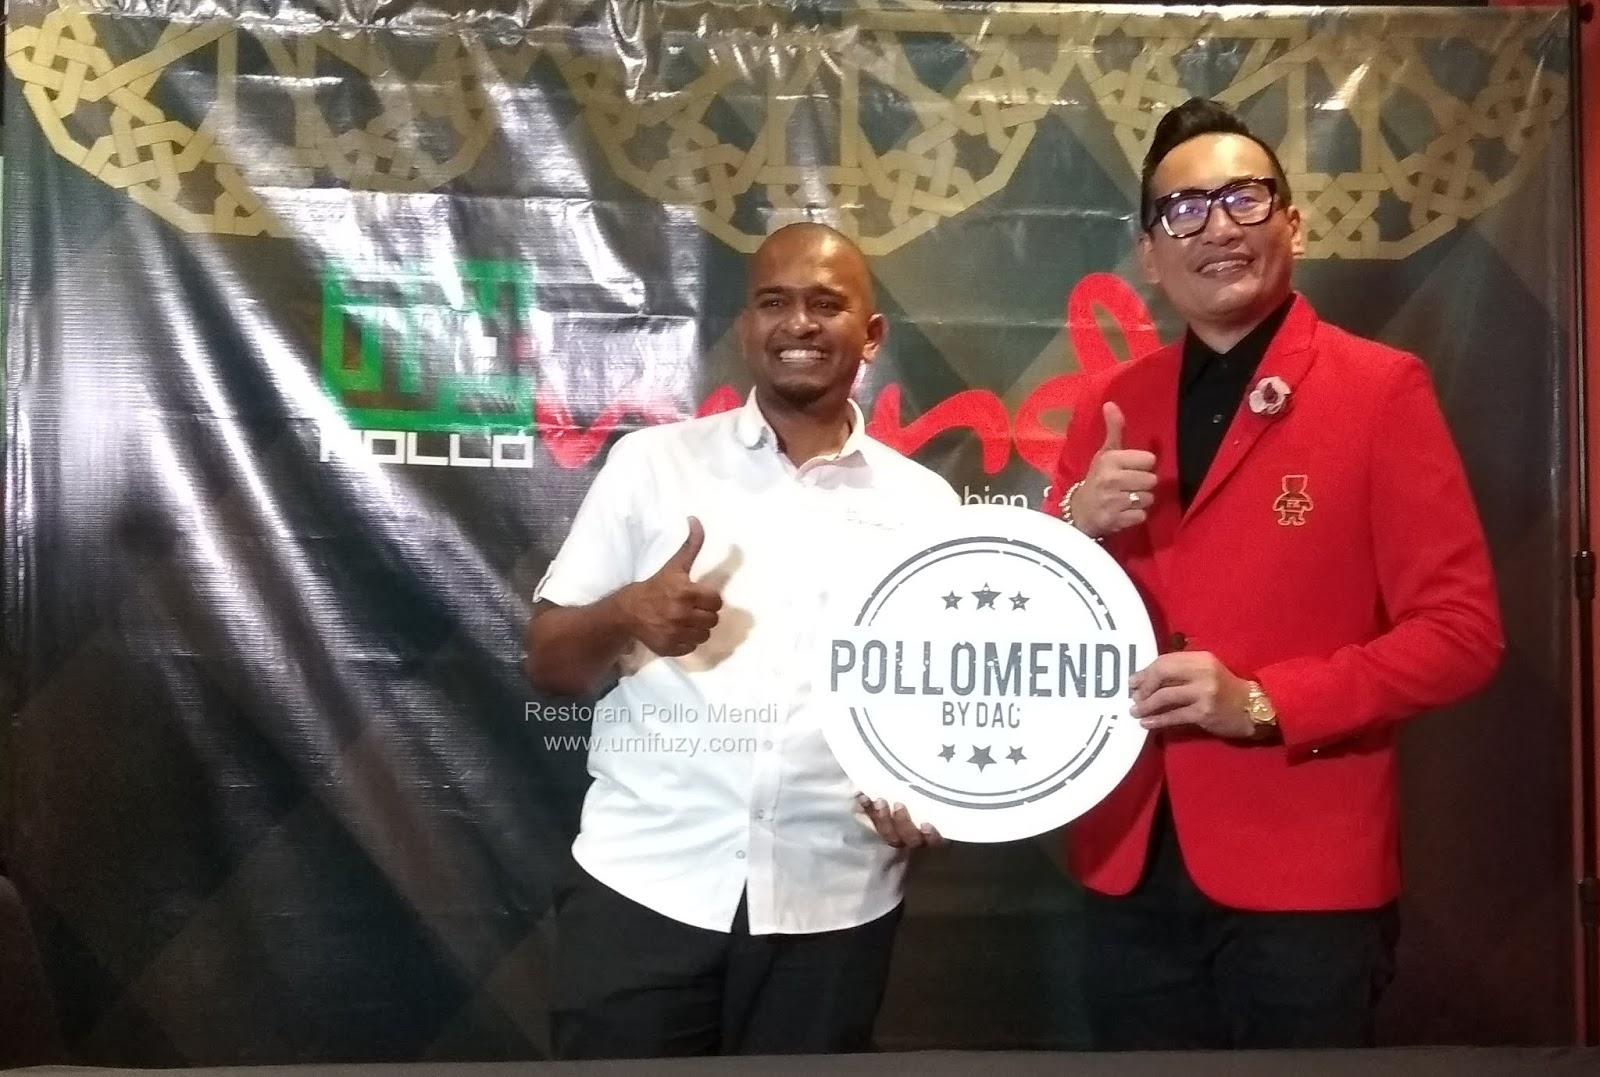 Pollo Mendi Restoran Makanan Arab & Italian Memperkenalkan Dato AC Mizal Sebagai Rakan Kongsi